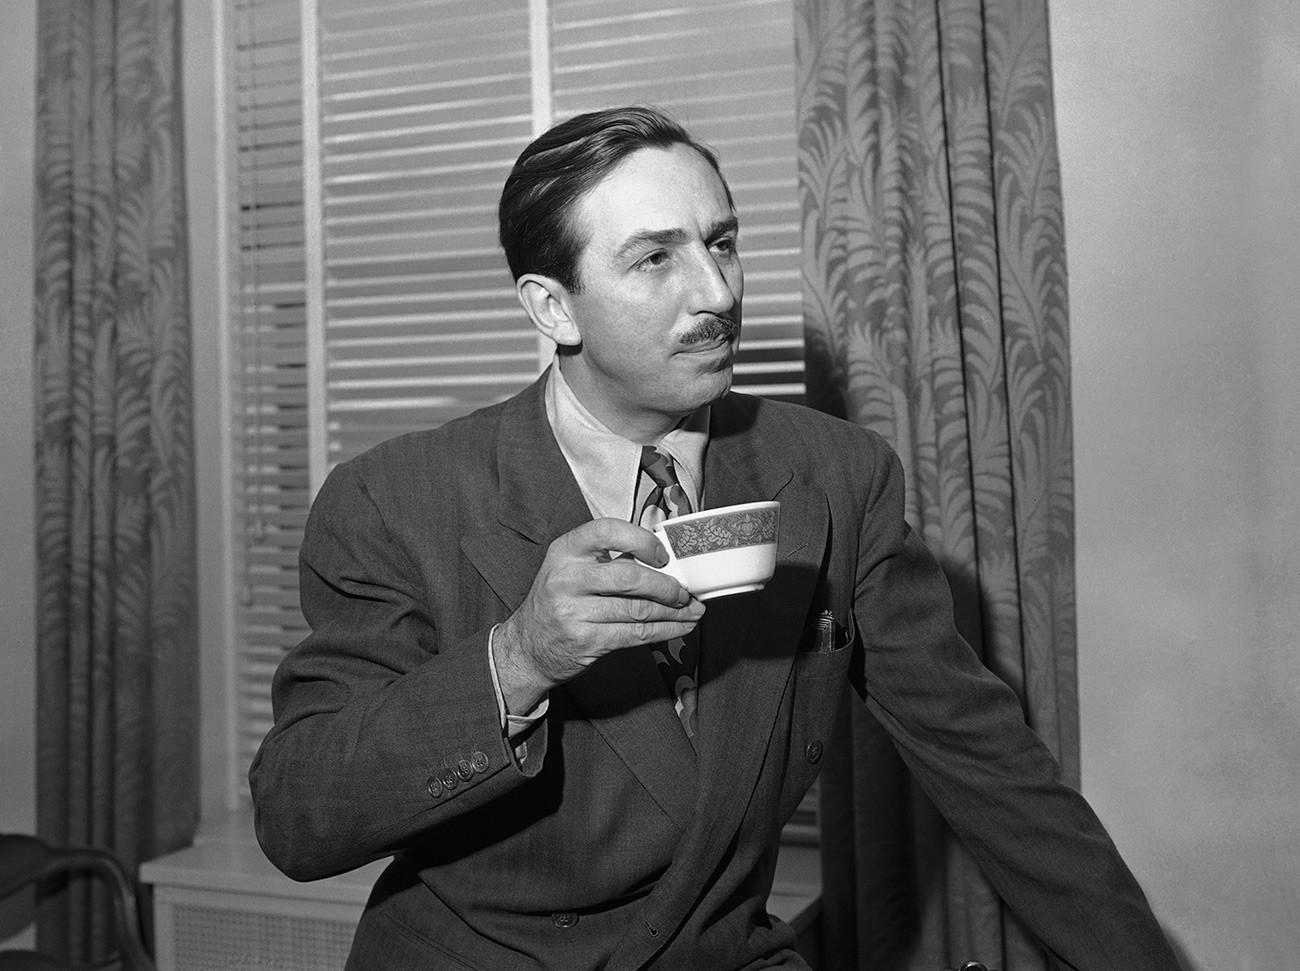 ウォルト・ディズニー、1941年